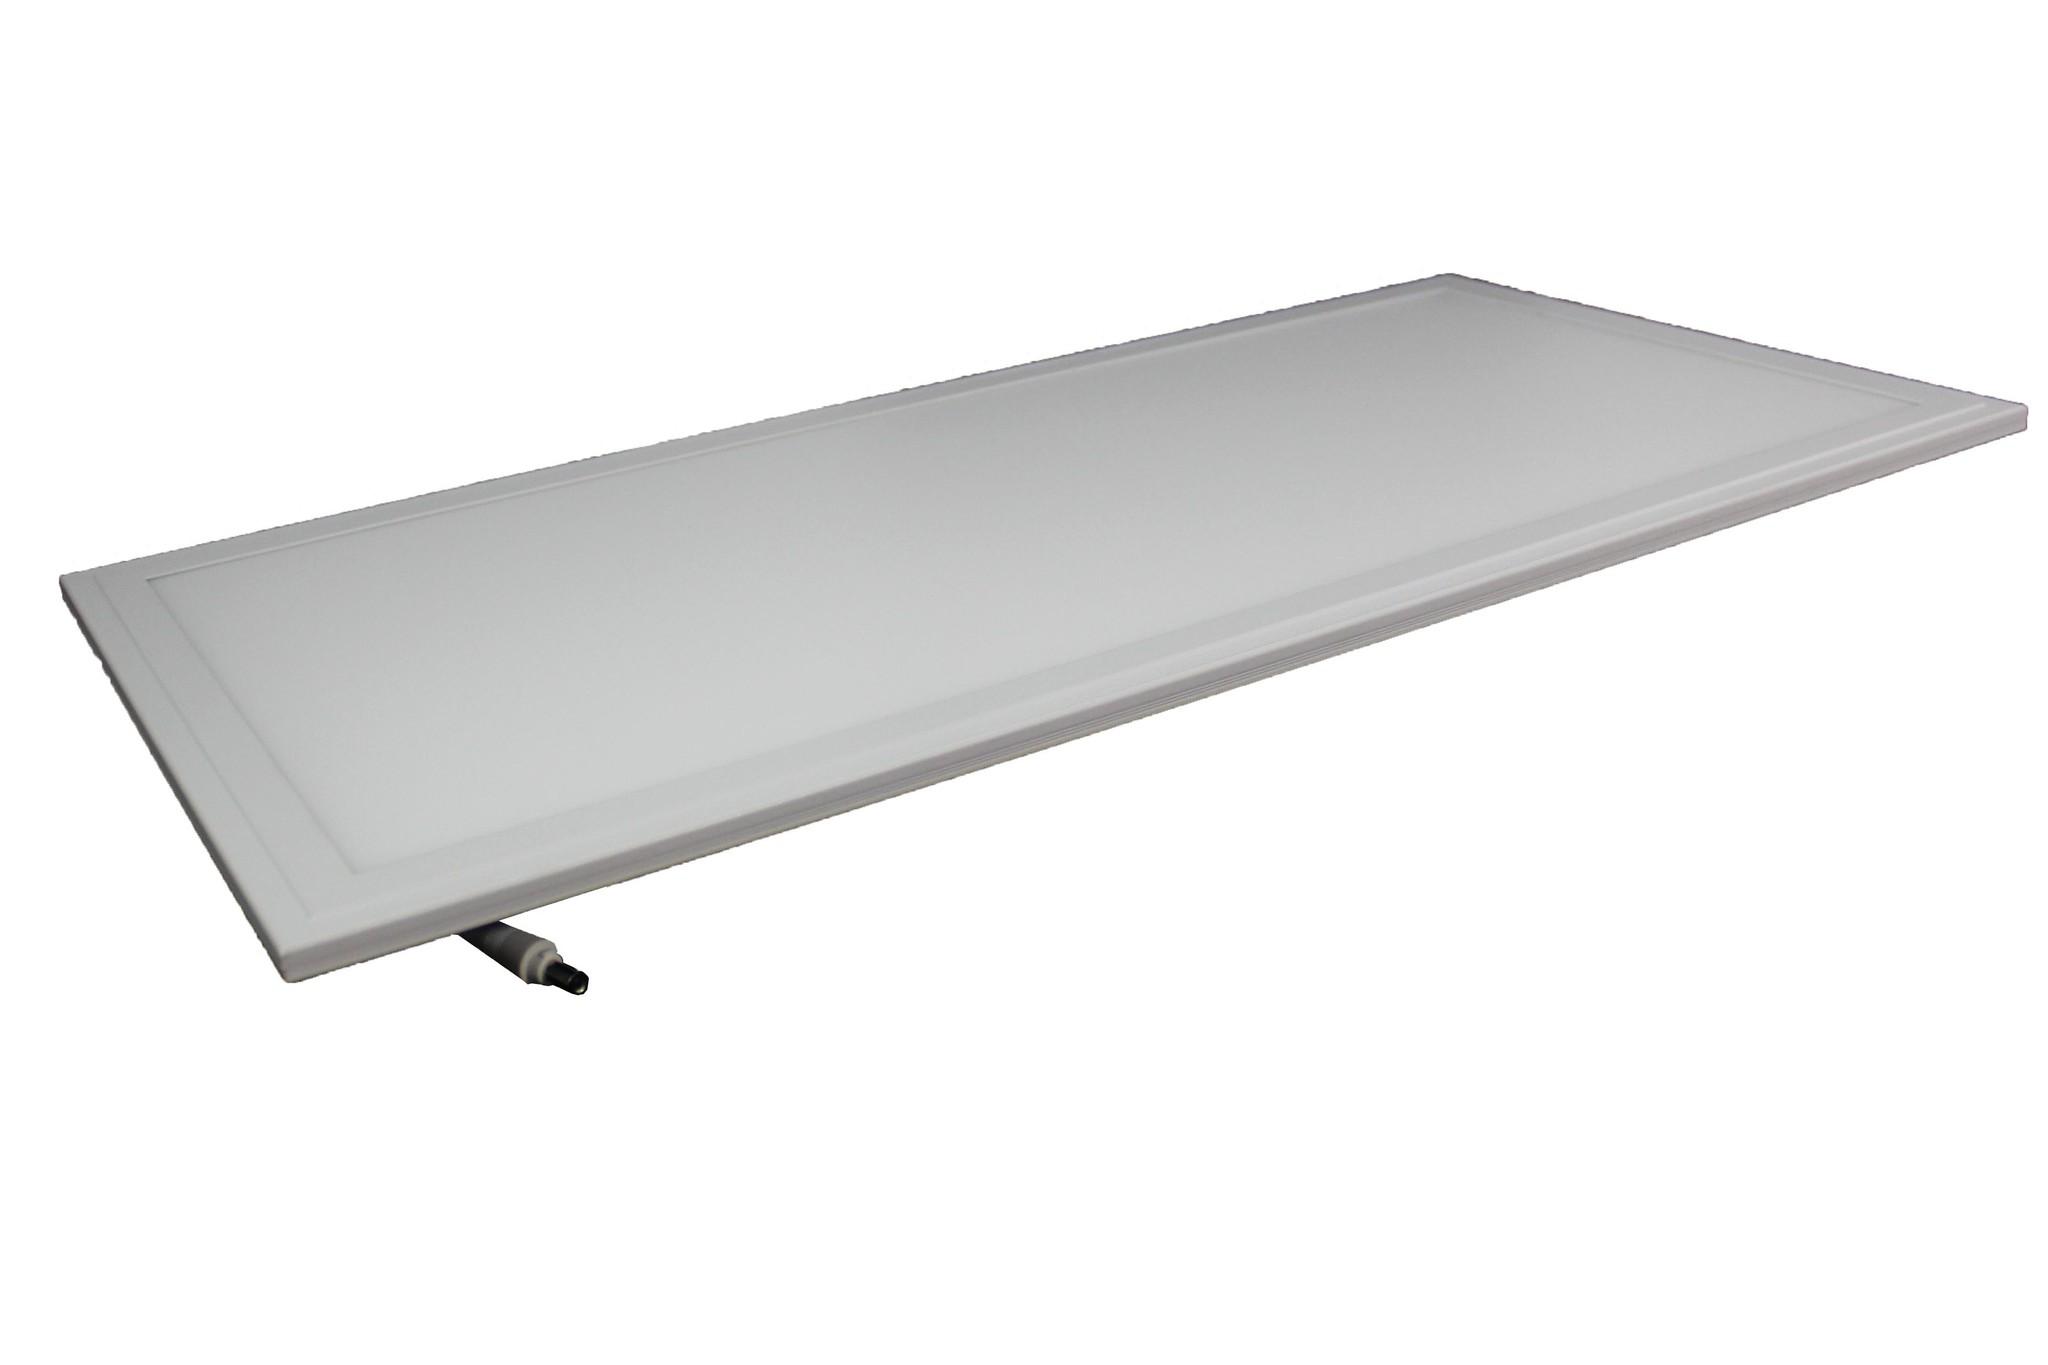 LED Paneel 24W, 60x30, 3000K